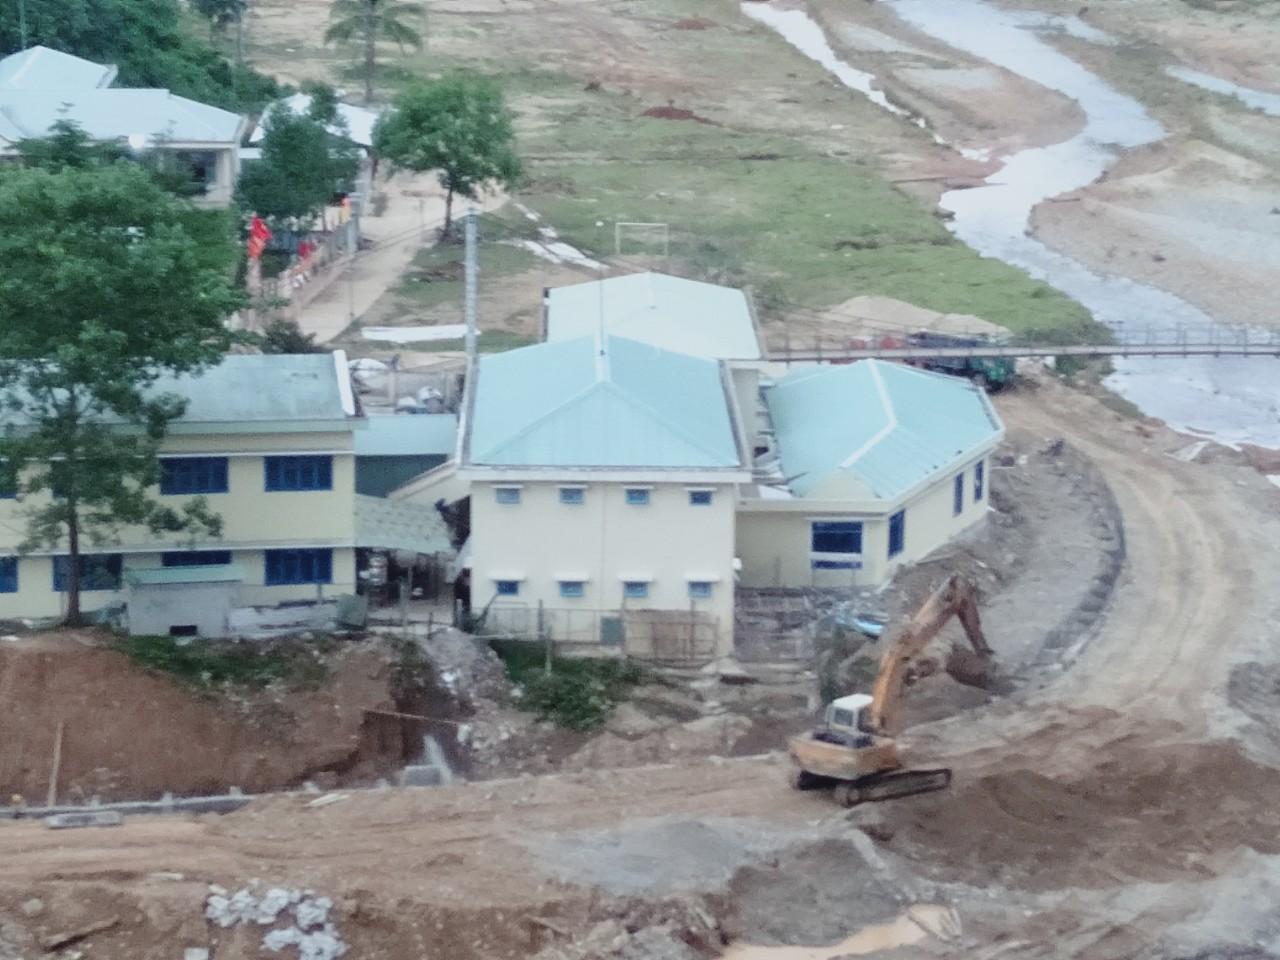 Khu bếp và nhà ăn cấp 4 được xây mới hoàn toàn sau khi bị tàn phá vì mưa lũ. Ảnh: Cao Tân.